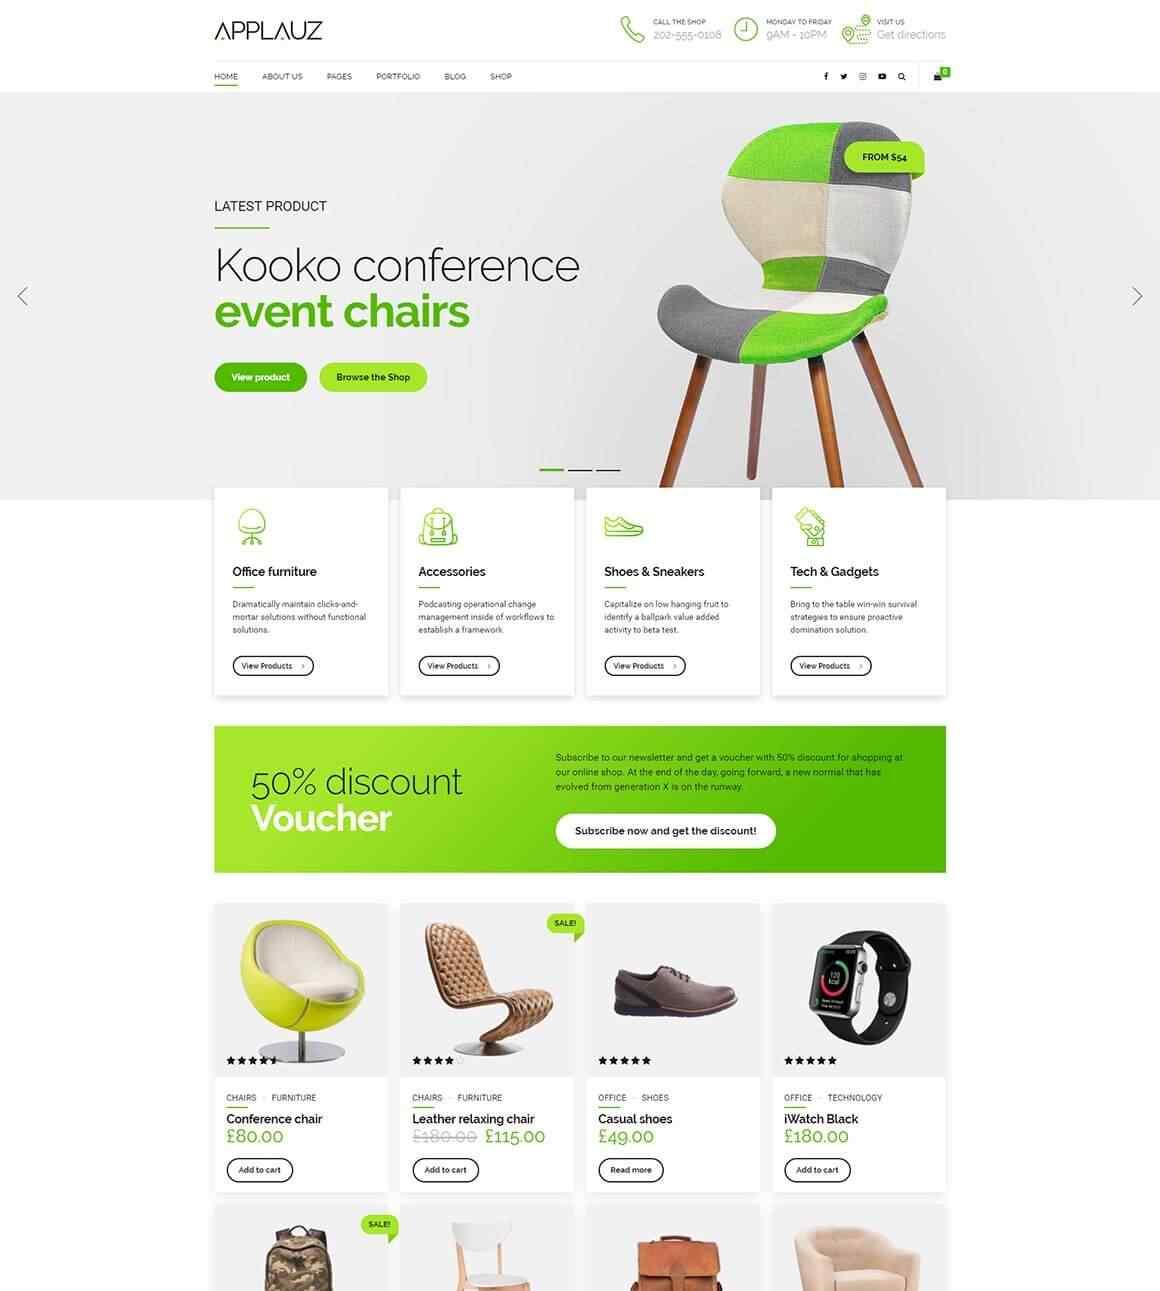 http://www.entoprot.com/wp-content/uploads/2017/11/Screenshot-Shop.jpg